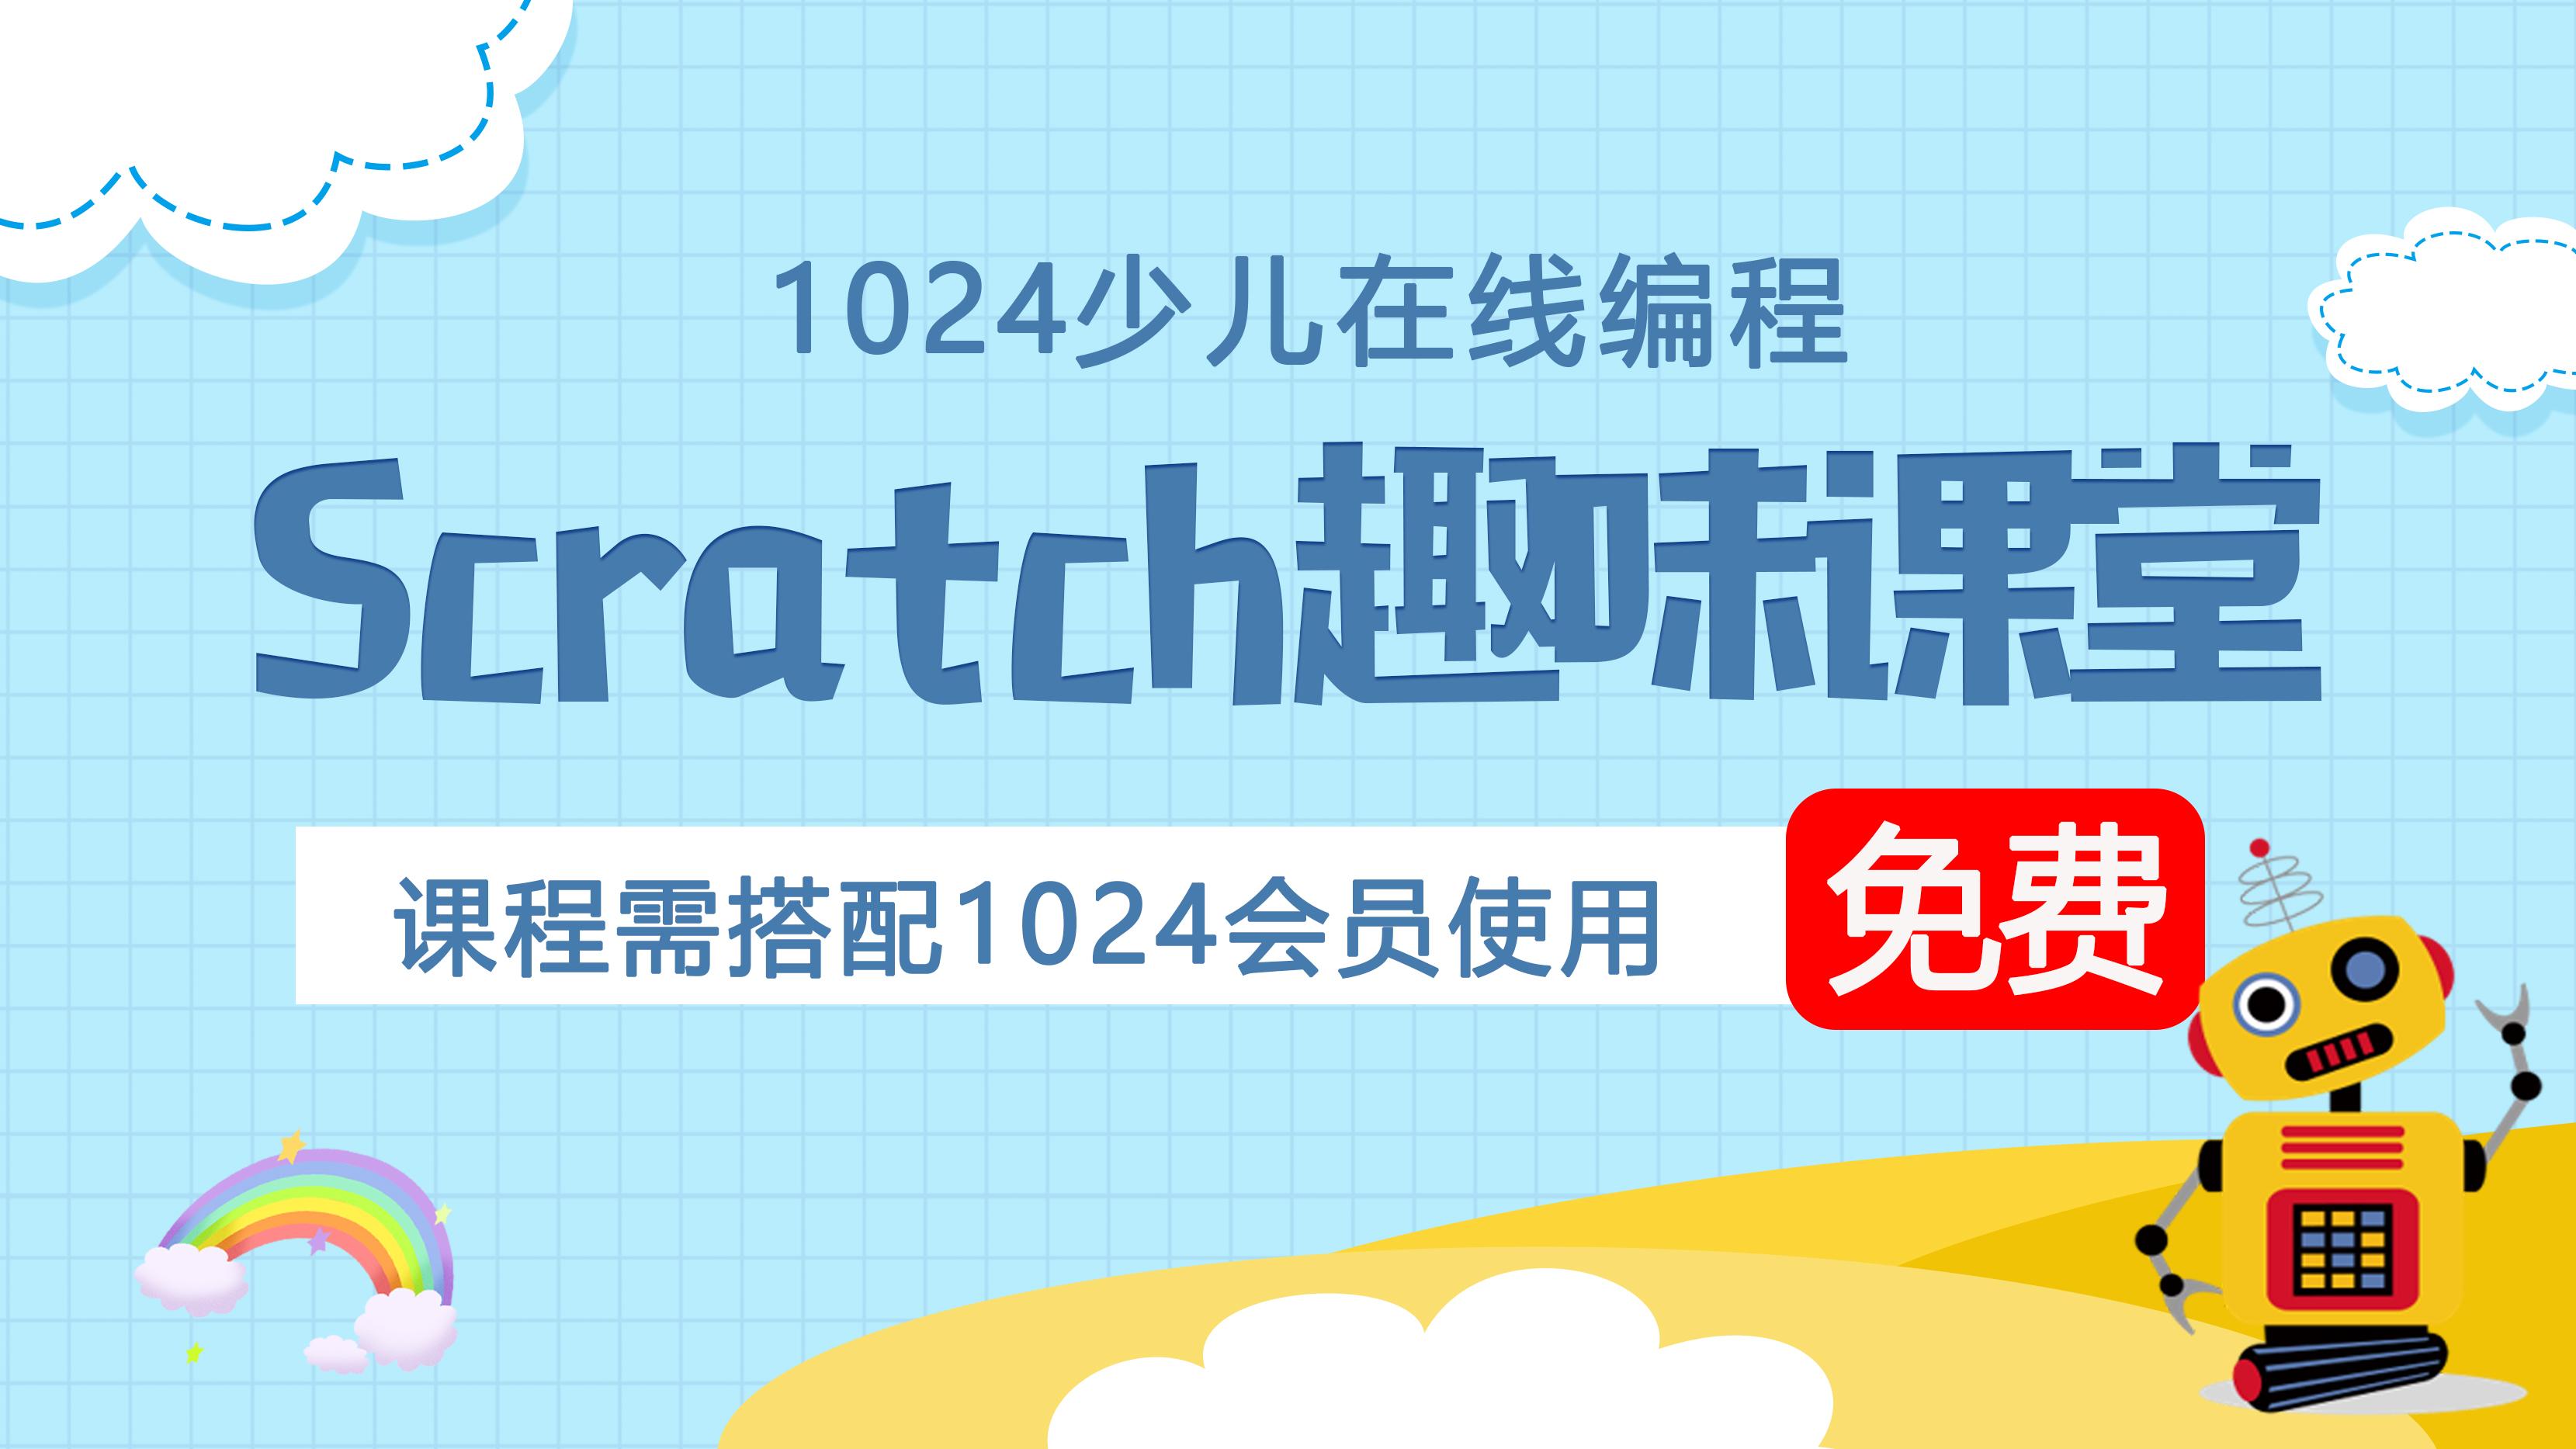 【1024】零基础Scratch少儿编程趣味课堂全套课程系列课(61节)